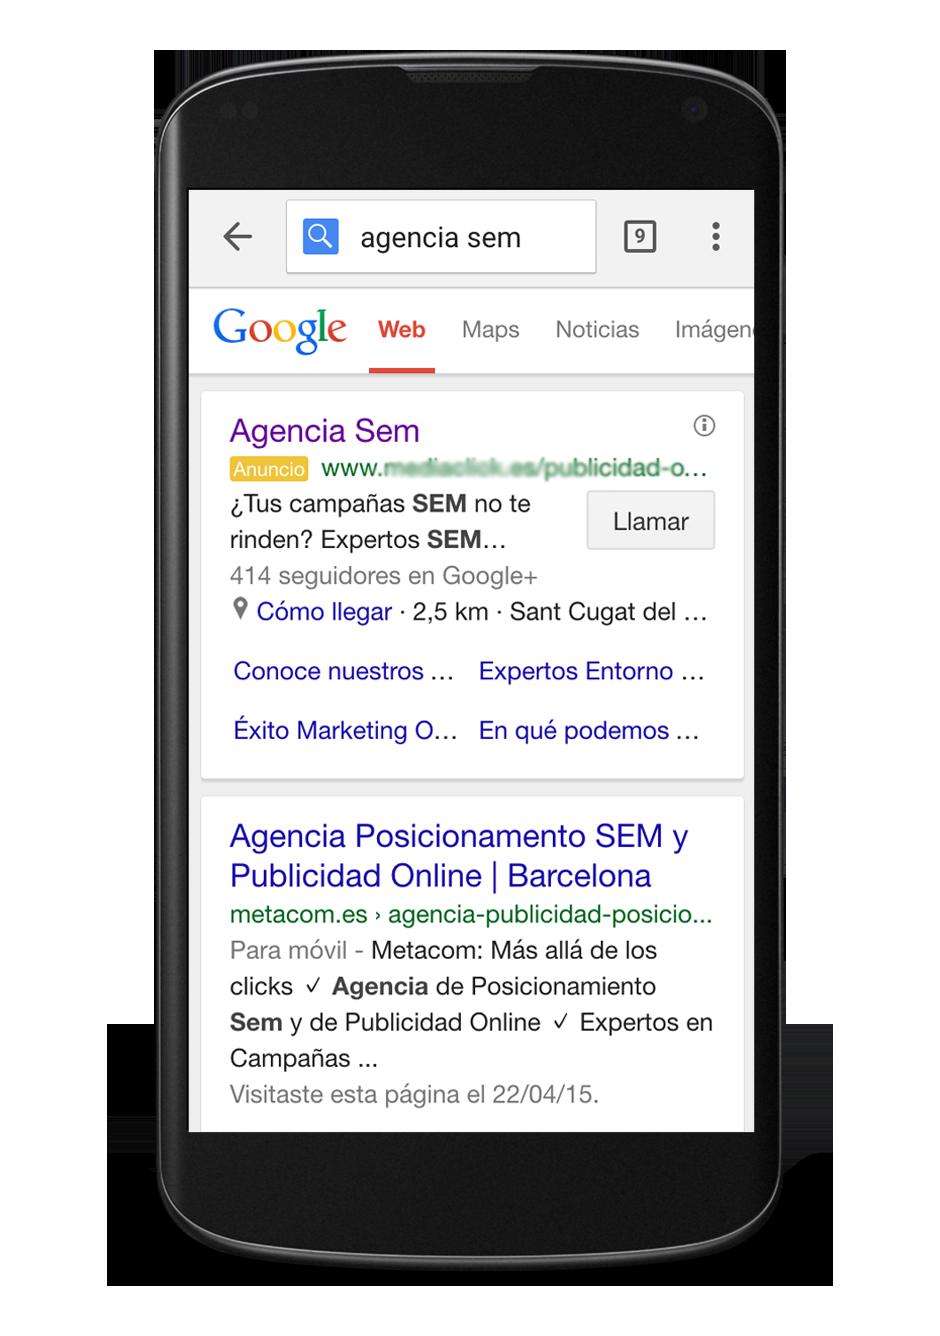 Posicionamiento-SEM-Barcelona-Agencia-Digital-Metacom